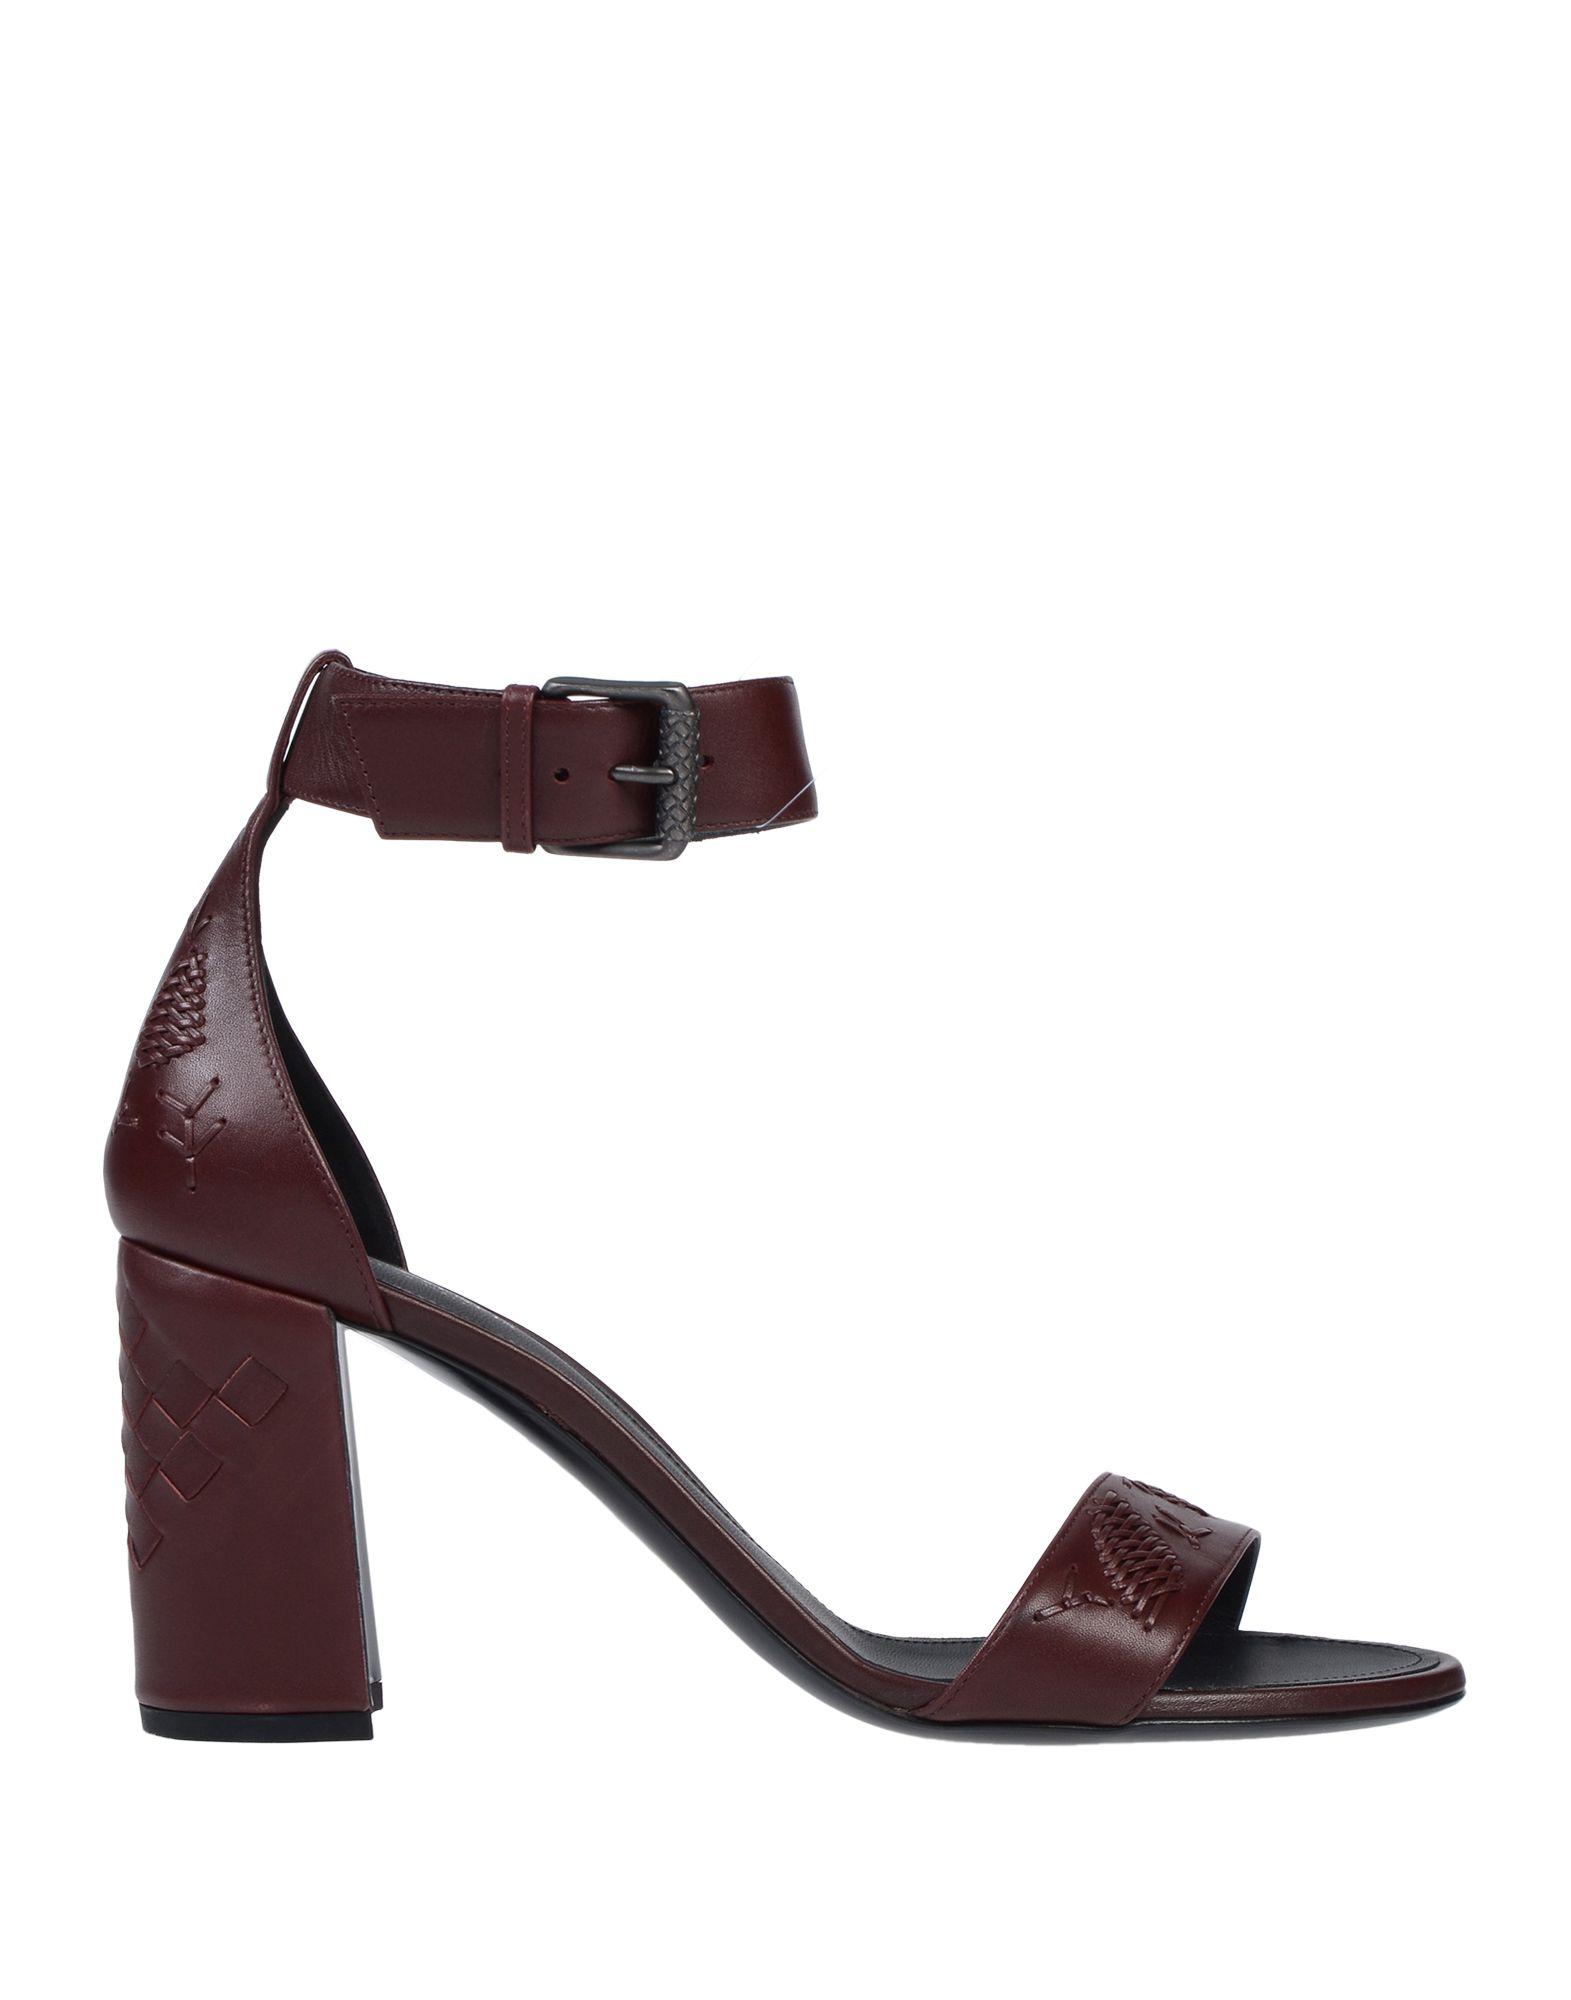 Sandali Bottega Veneta Donna - 11509637UC